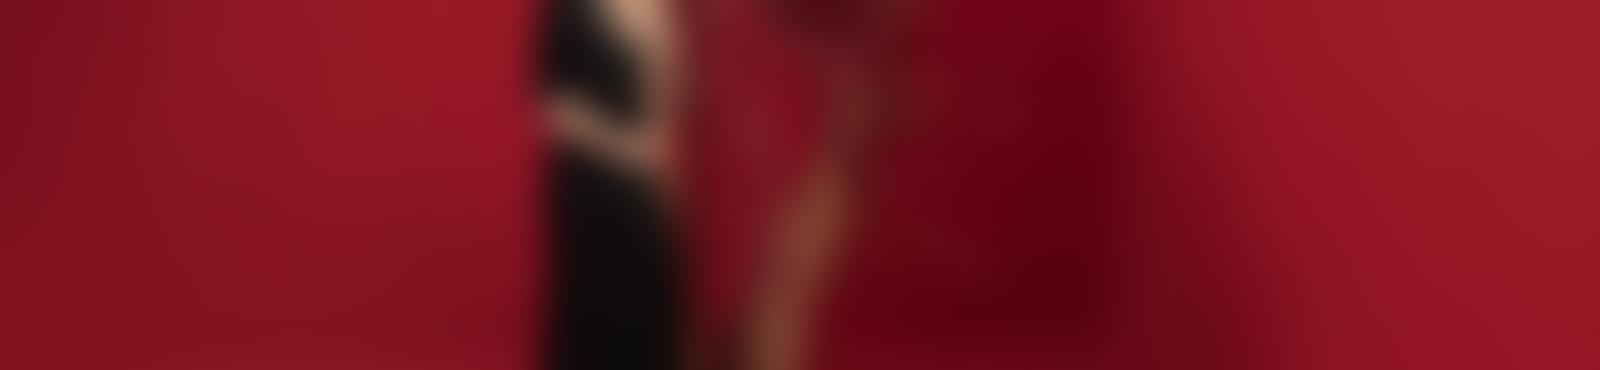 Blurred 113d3f62 46ed 415d 9376 5cf81706bbcc